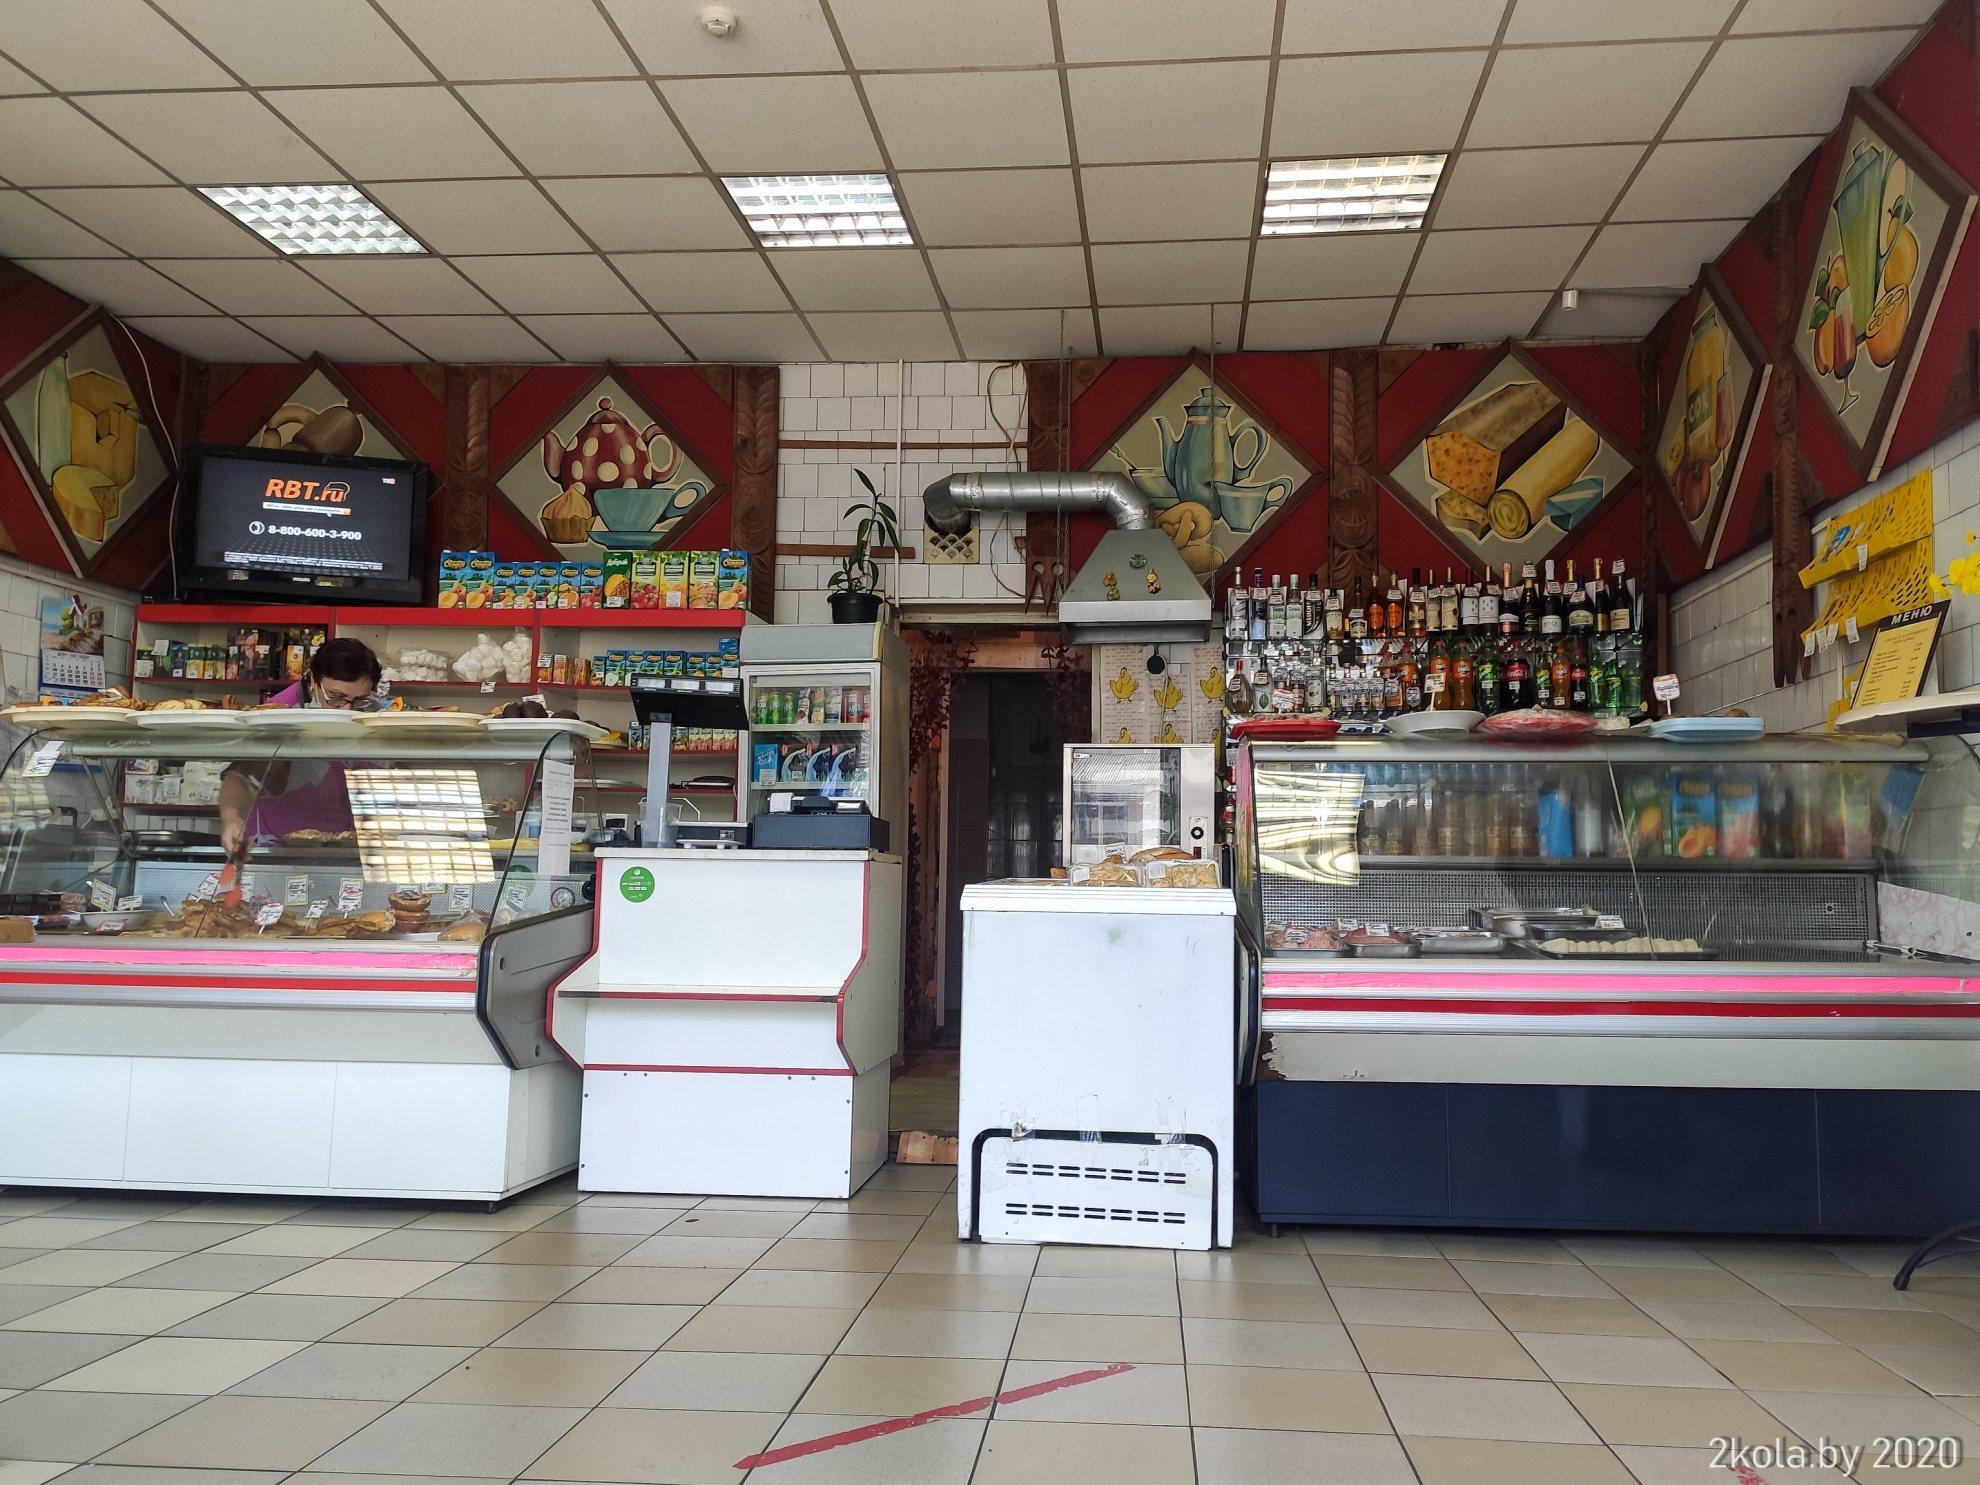 Кафе центральное в г. Гдов